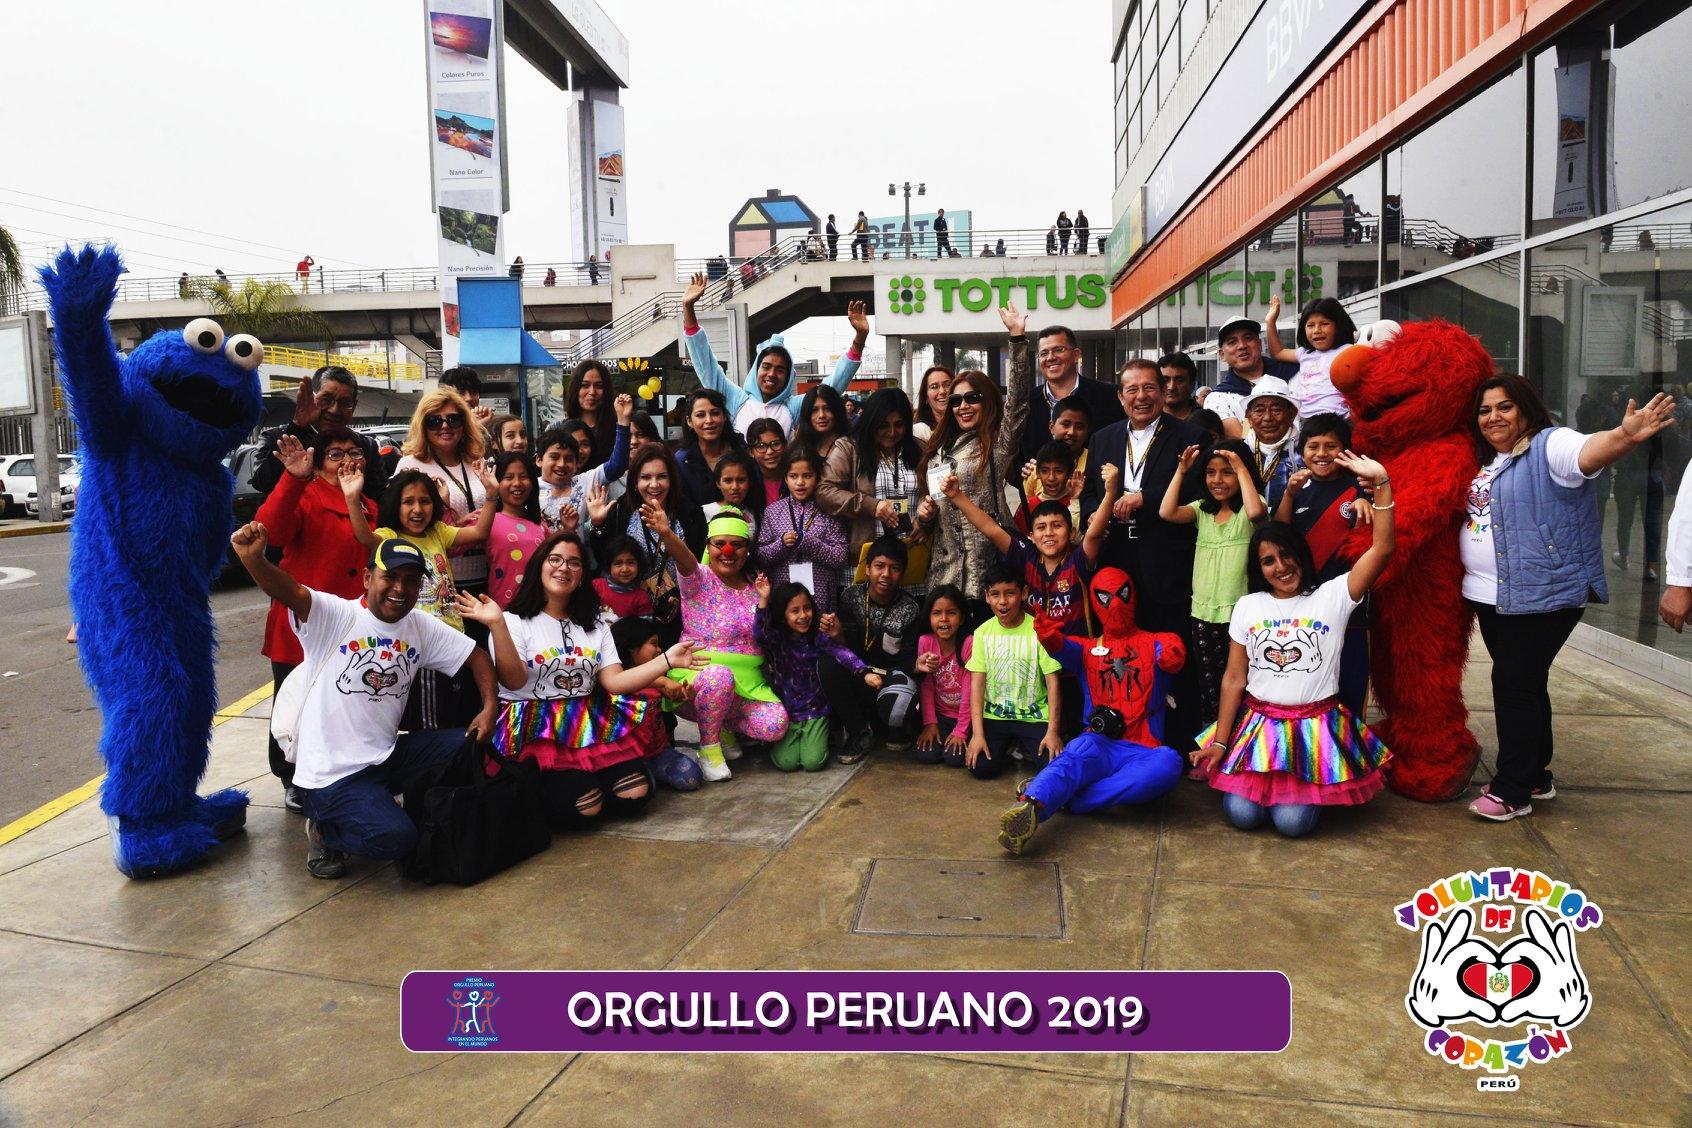 Kelly Bardales mit Voluntarios de Corazon - Orgullo Peruano 2019